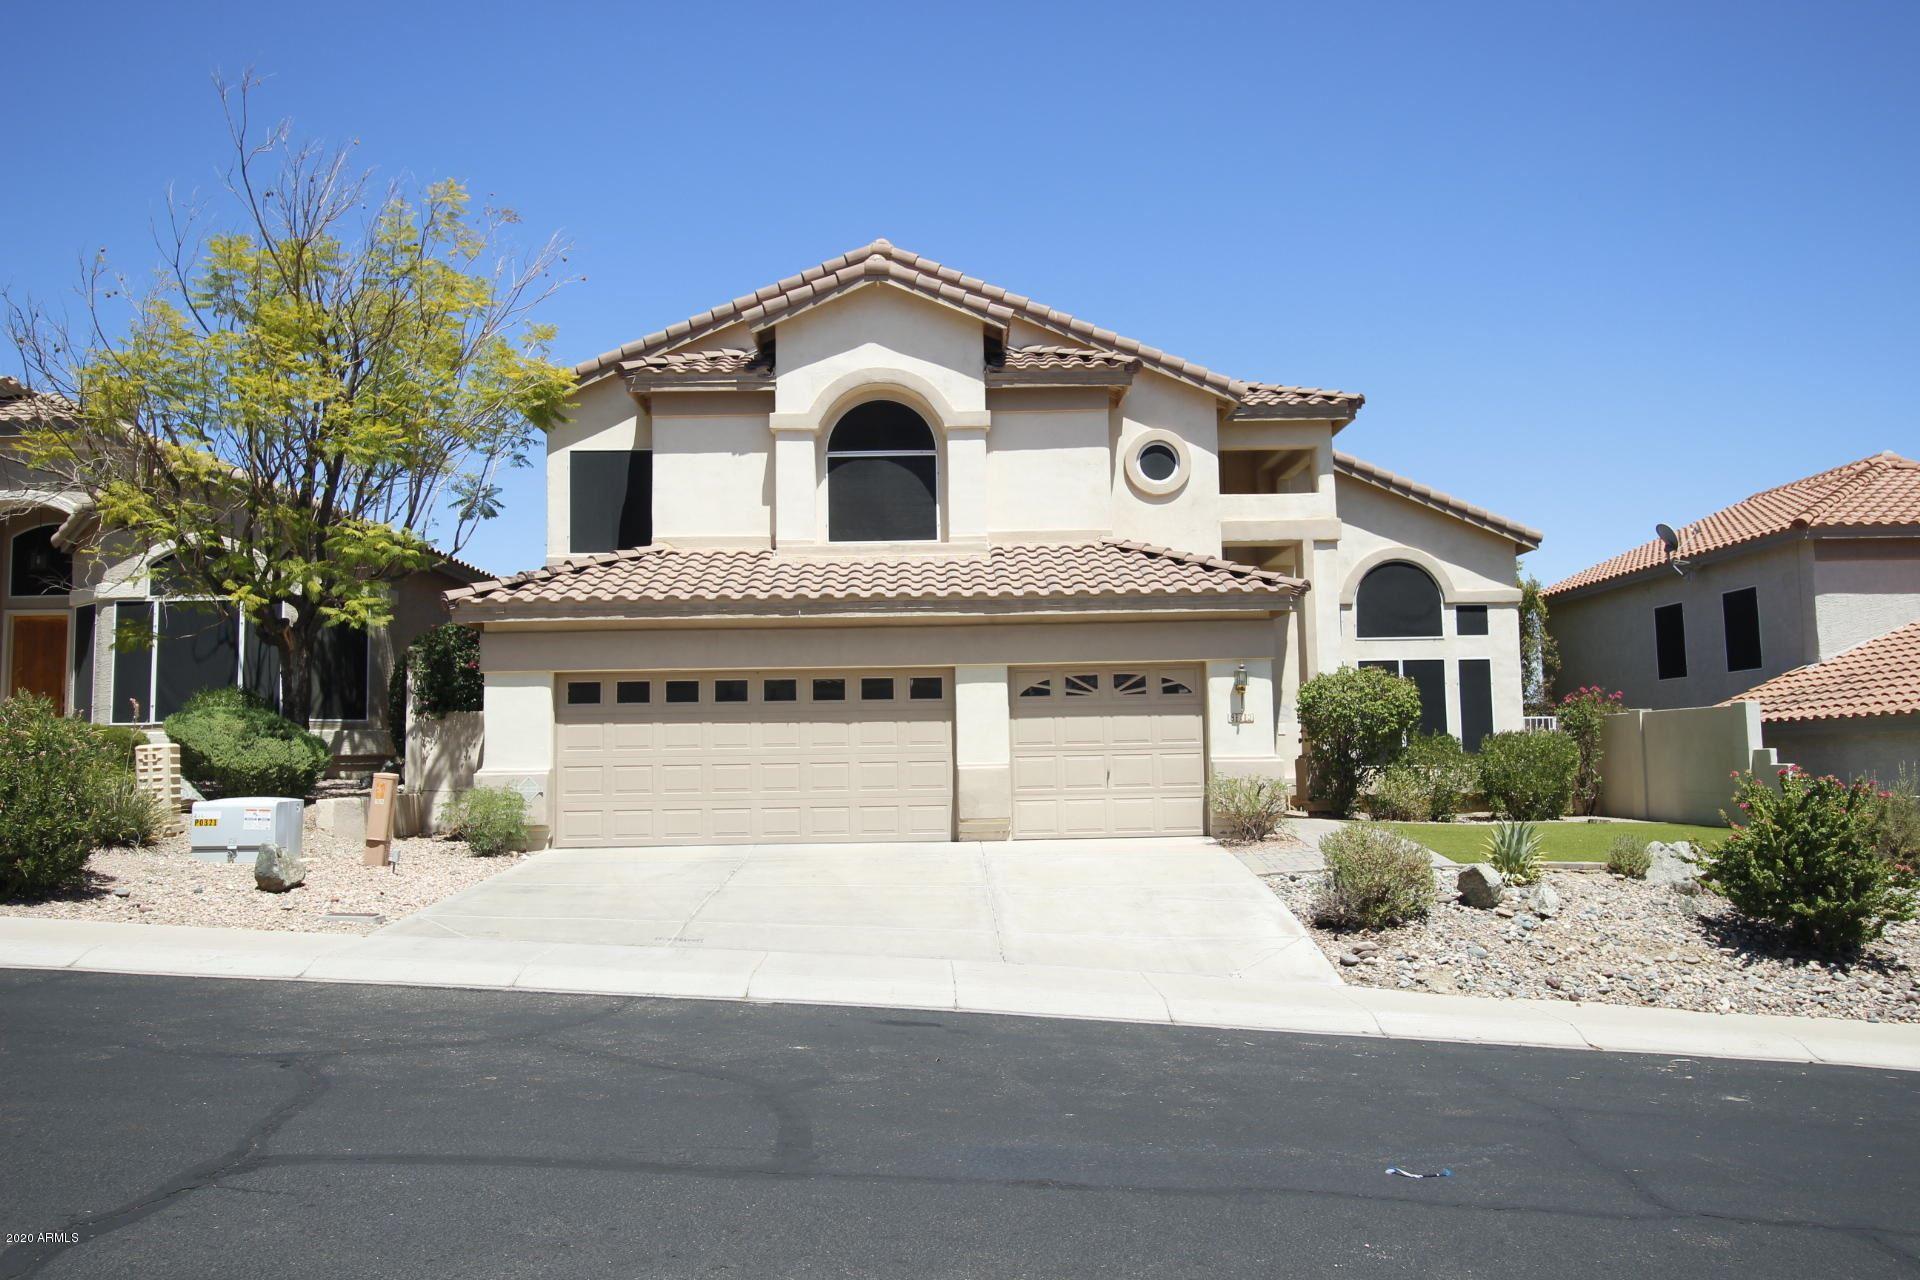 812 E MOUNTAIN VISTA Drive, Phoenix, AZ 85048 - MLS#: 6118135